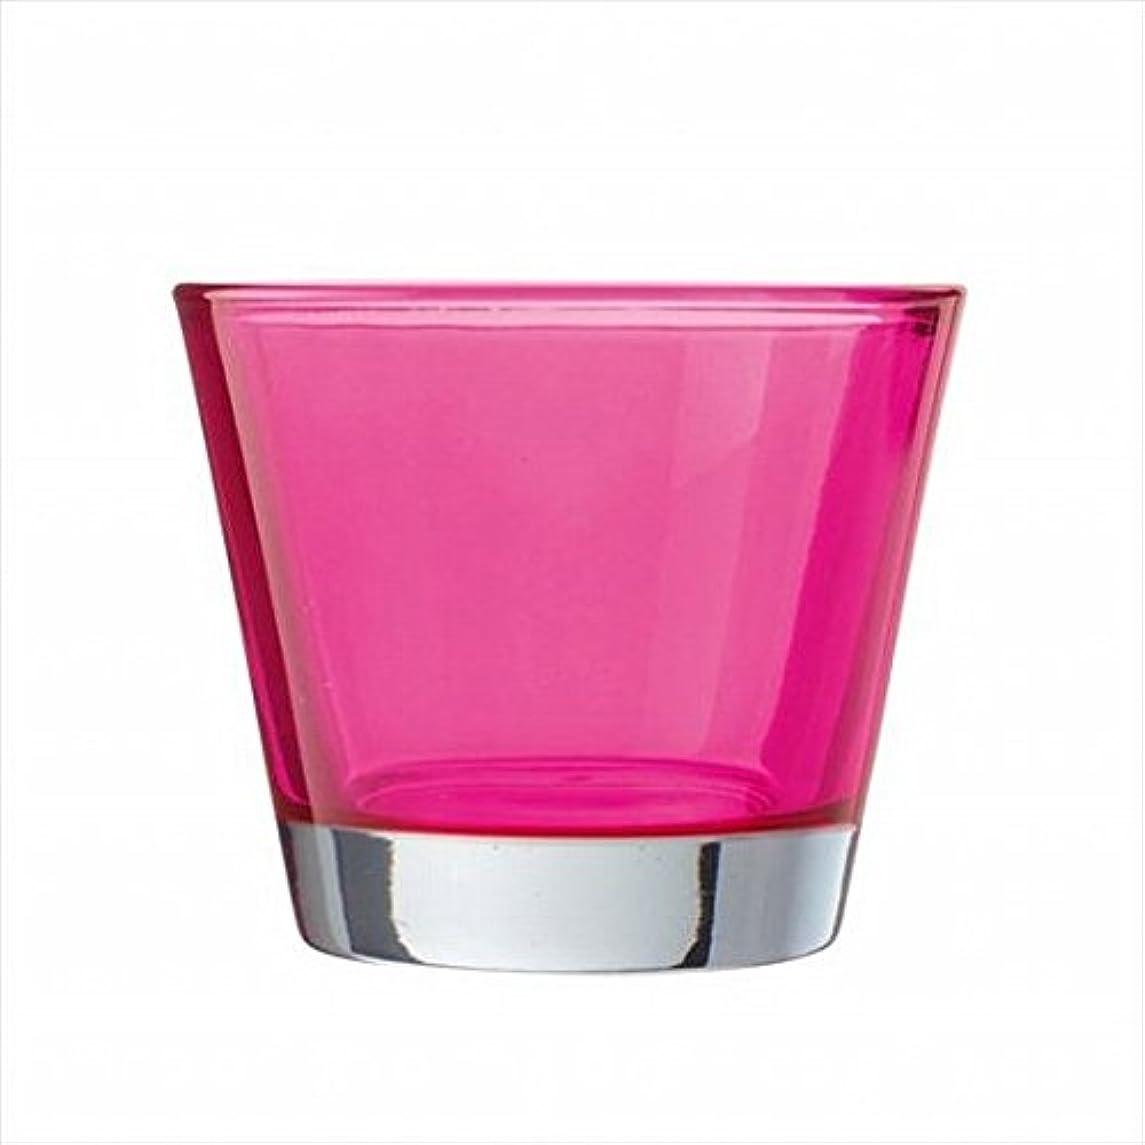 好む姉妹好意kameyama candle(カメヤマキャンドル) カラリス 「 ピンク 」 キャンドル 82x82x70mm (J2540000PK)